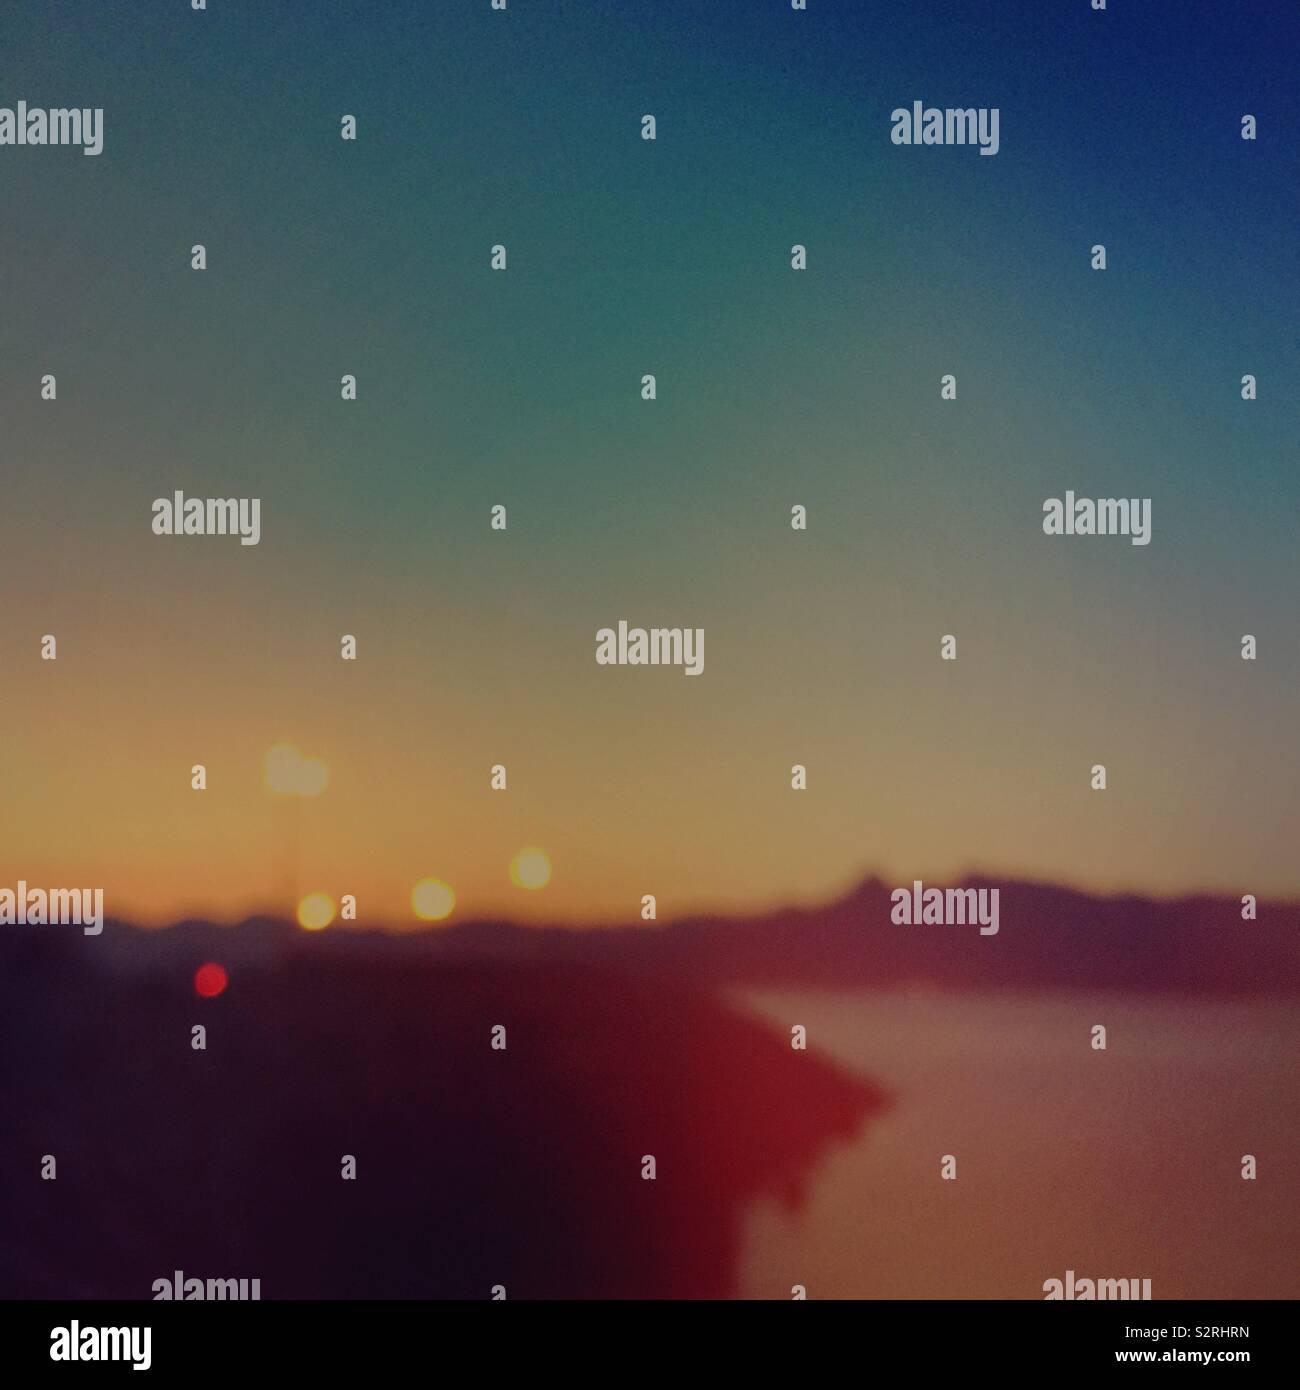 Minima panorama al tramonto con luci al di fuori della messa a fuoco Foto Stock